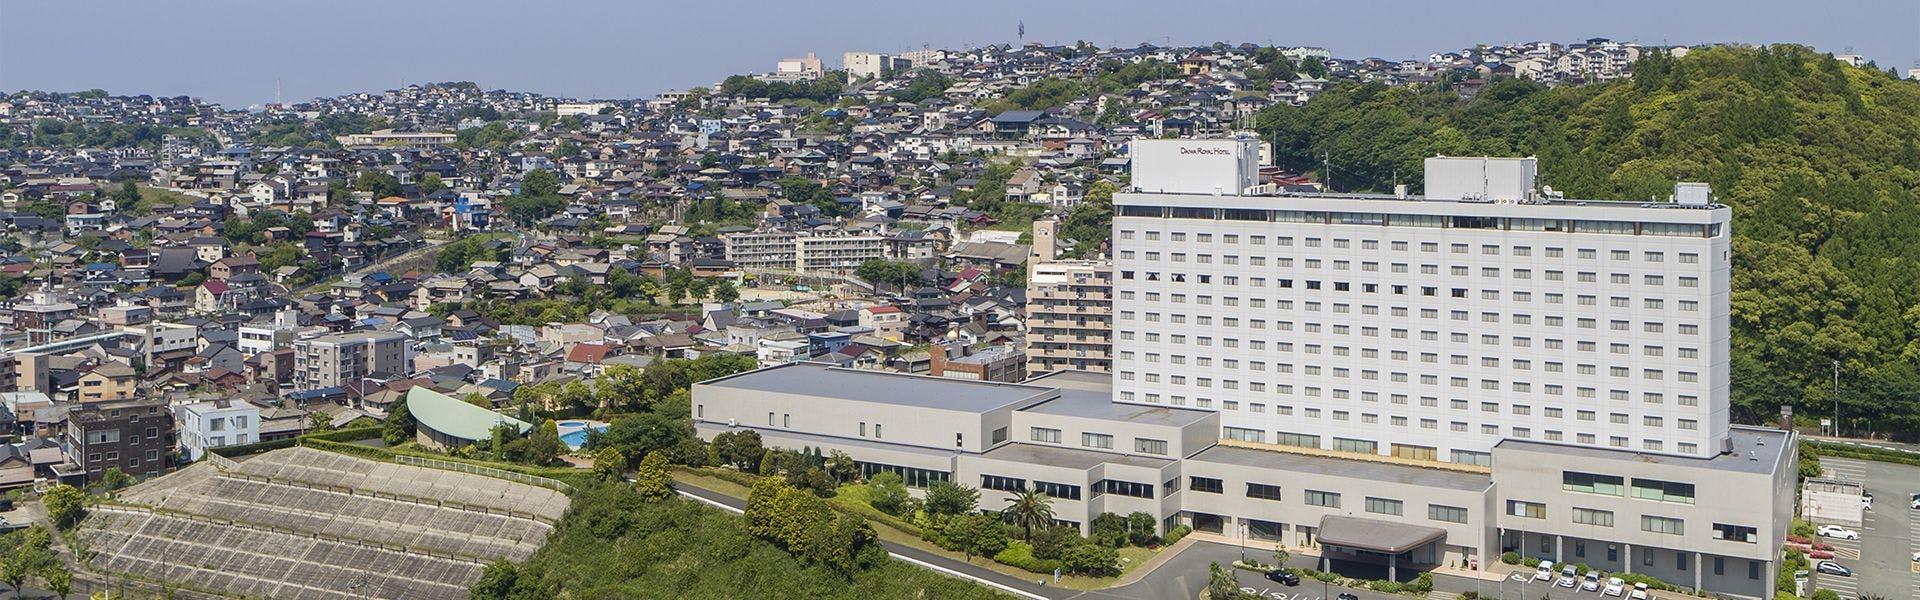 記念日におすすめのホテル・【アクティブリゾーツ 福岡八幡 -DAIWA ROYAL HOTEL-】の写真1